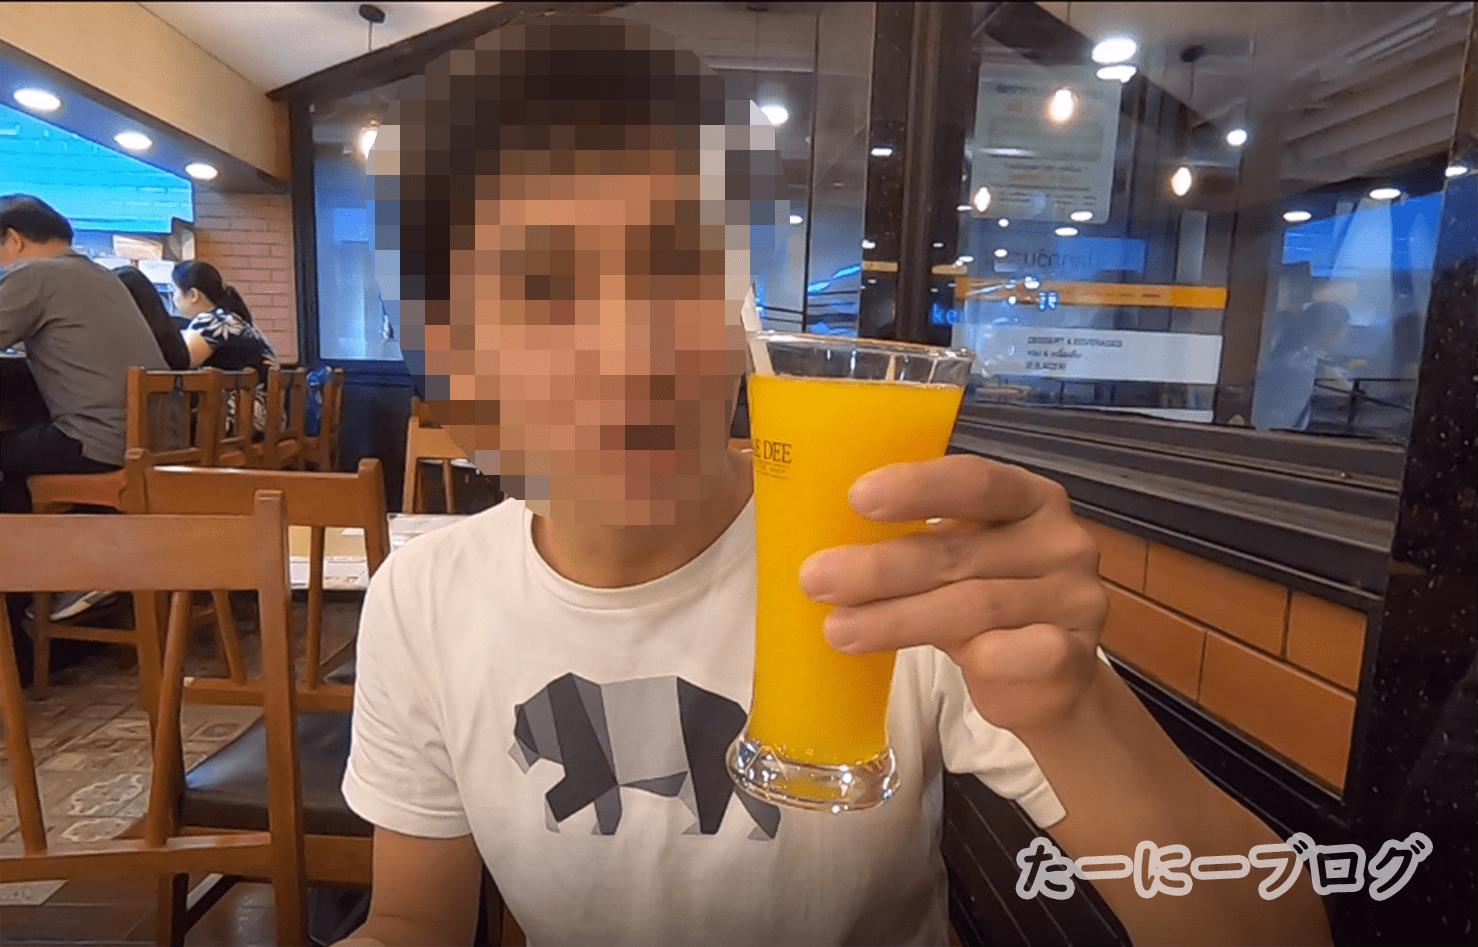 フードランドオレンジジュース